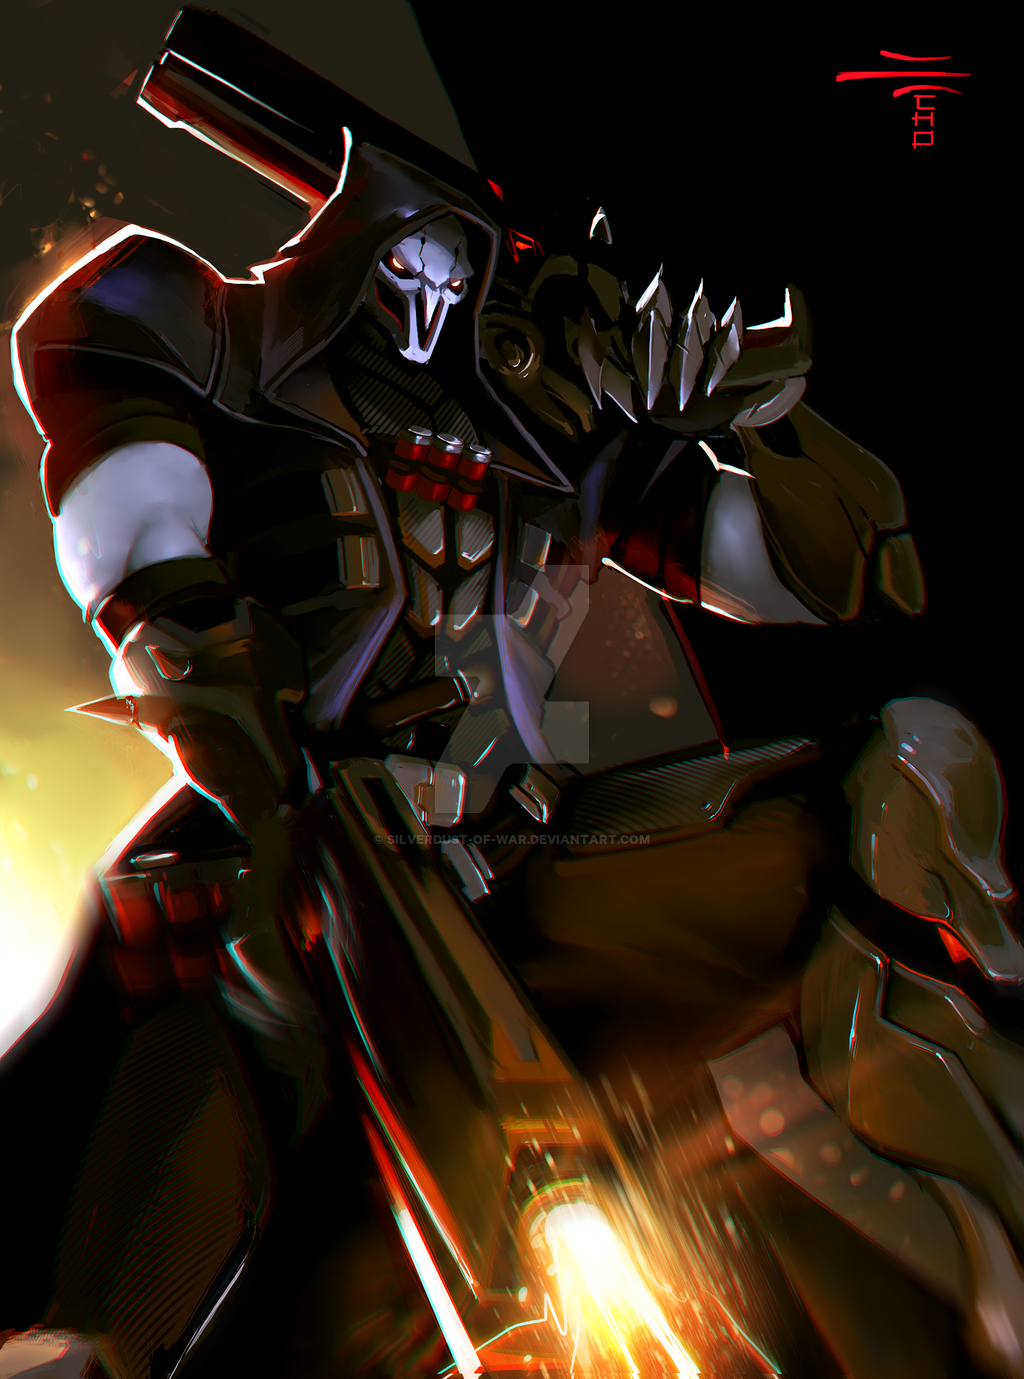 Overwatch Fanart Reaper By Silverdust Of War Dafkmsy Png 1024 1379 Overwatch Reaper Overwatch Overwatch Story